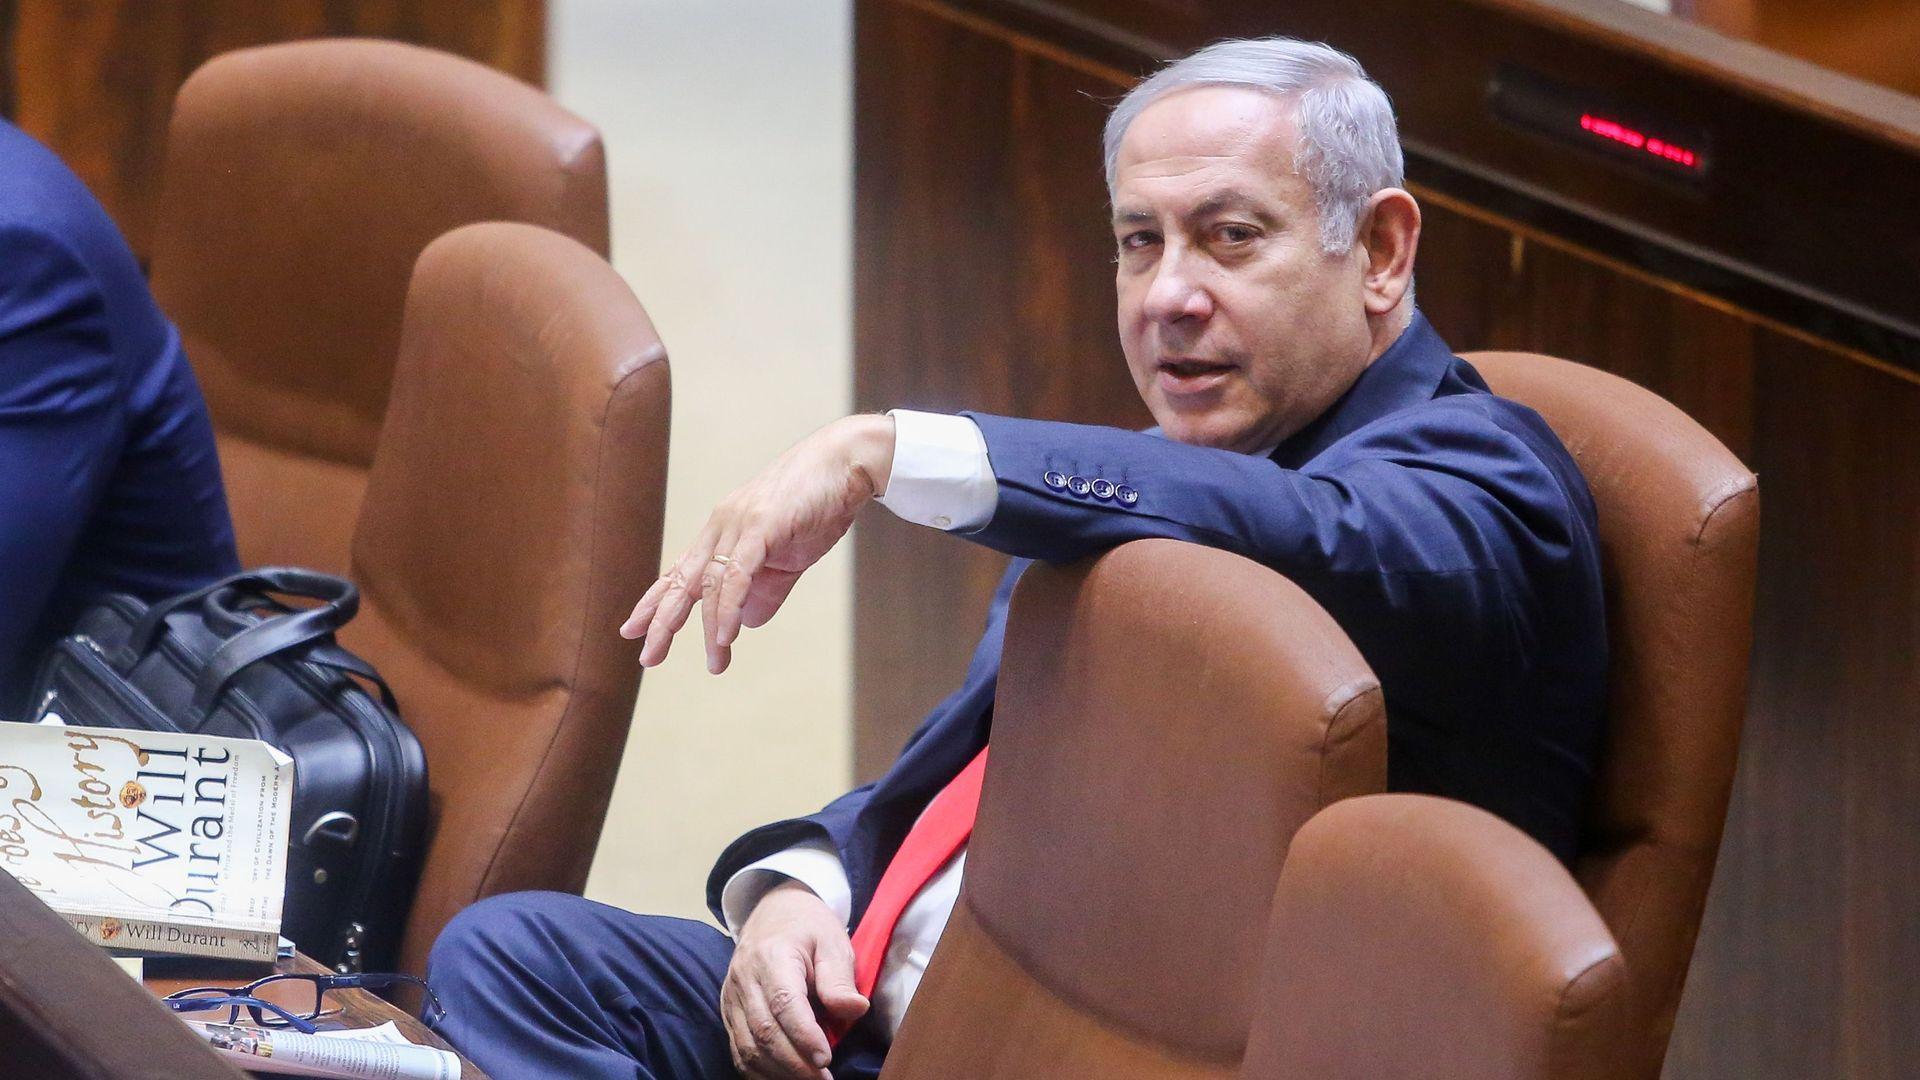 Bibi Netanyahu sitting in Israeli parliament chamber